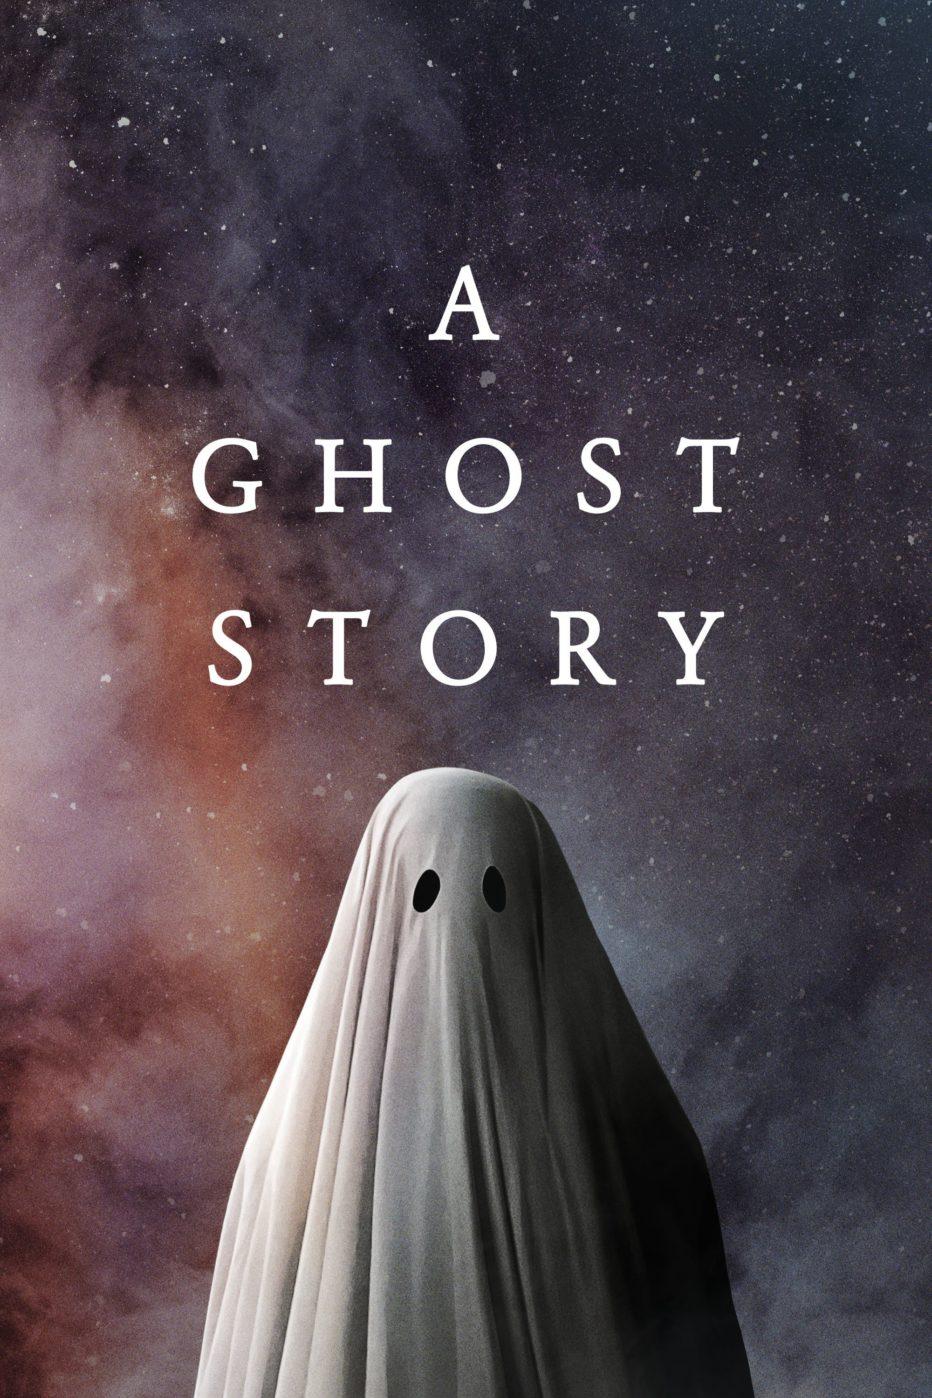 Trailer de A Ghost story con Casey Affleck y Rooney Mara